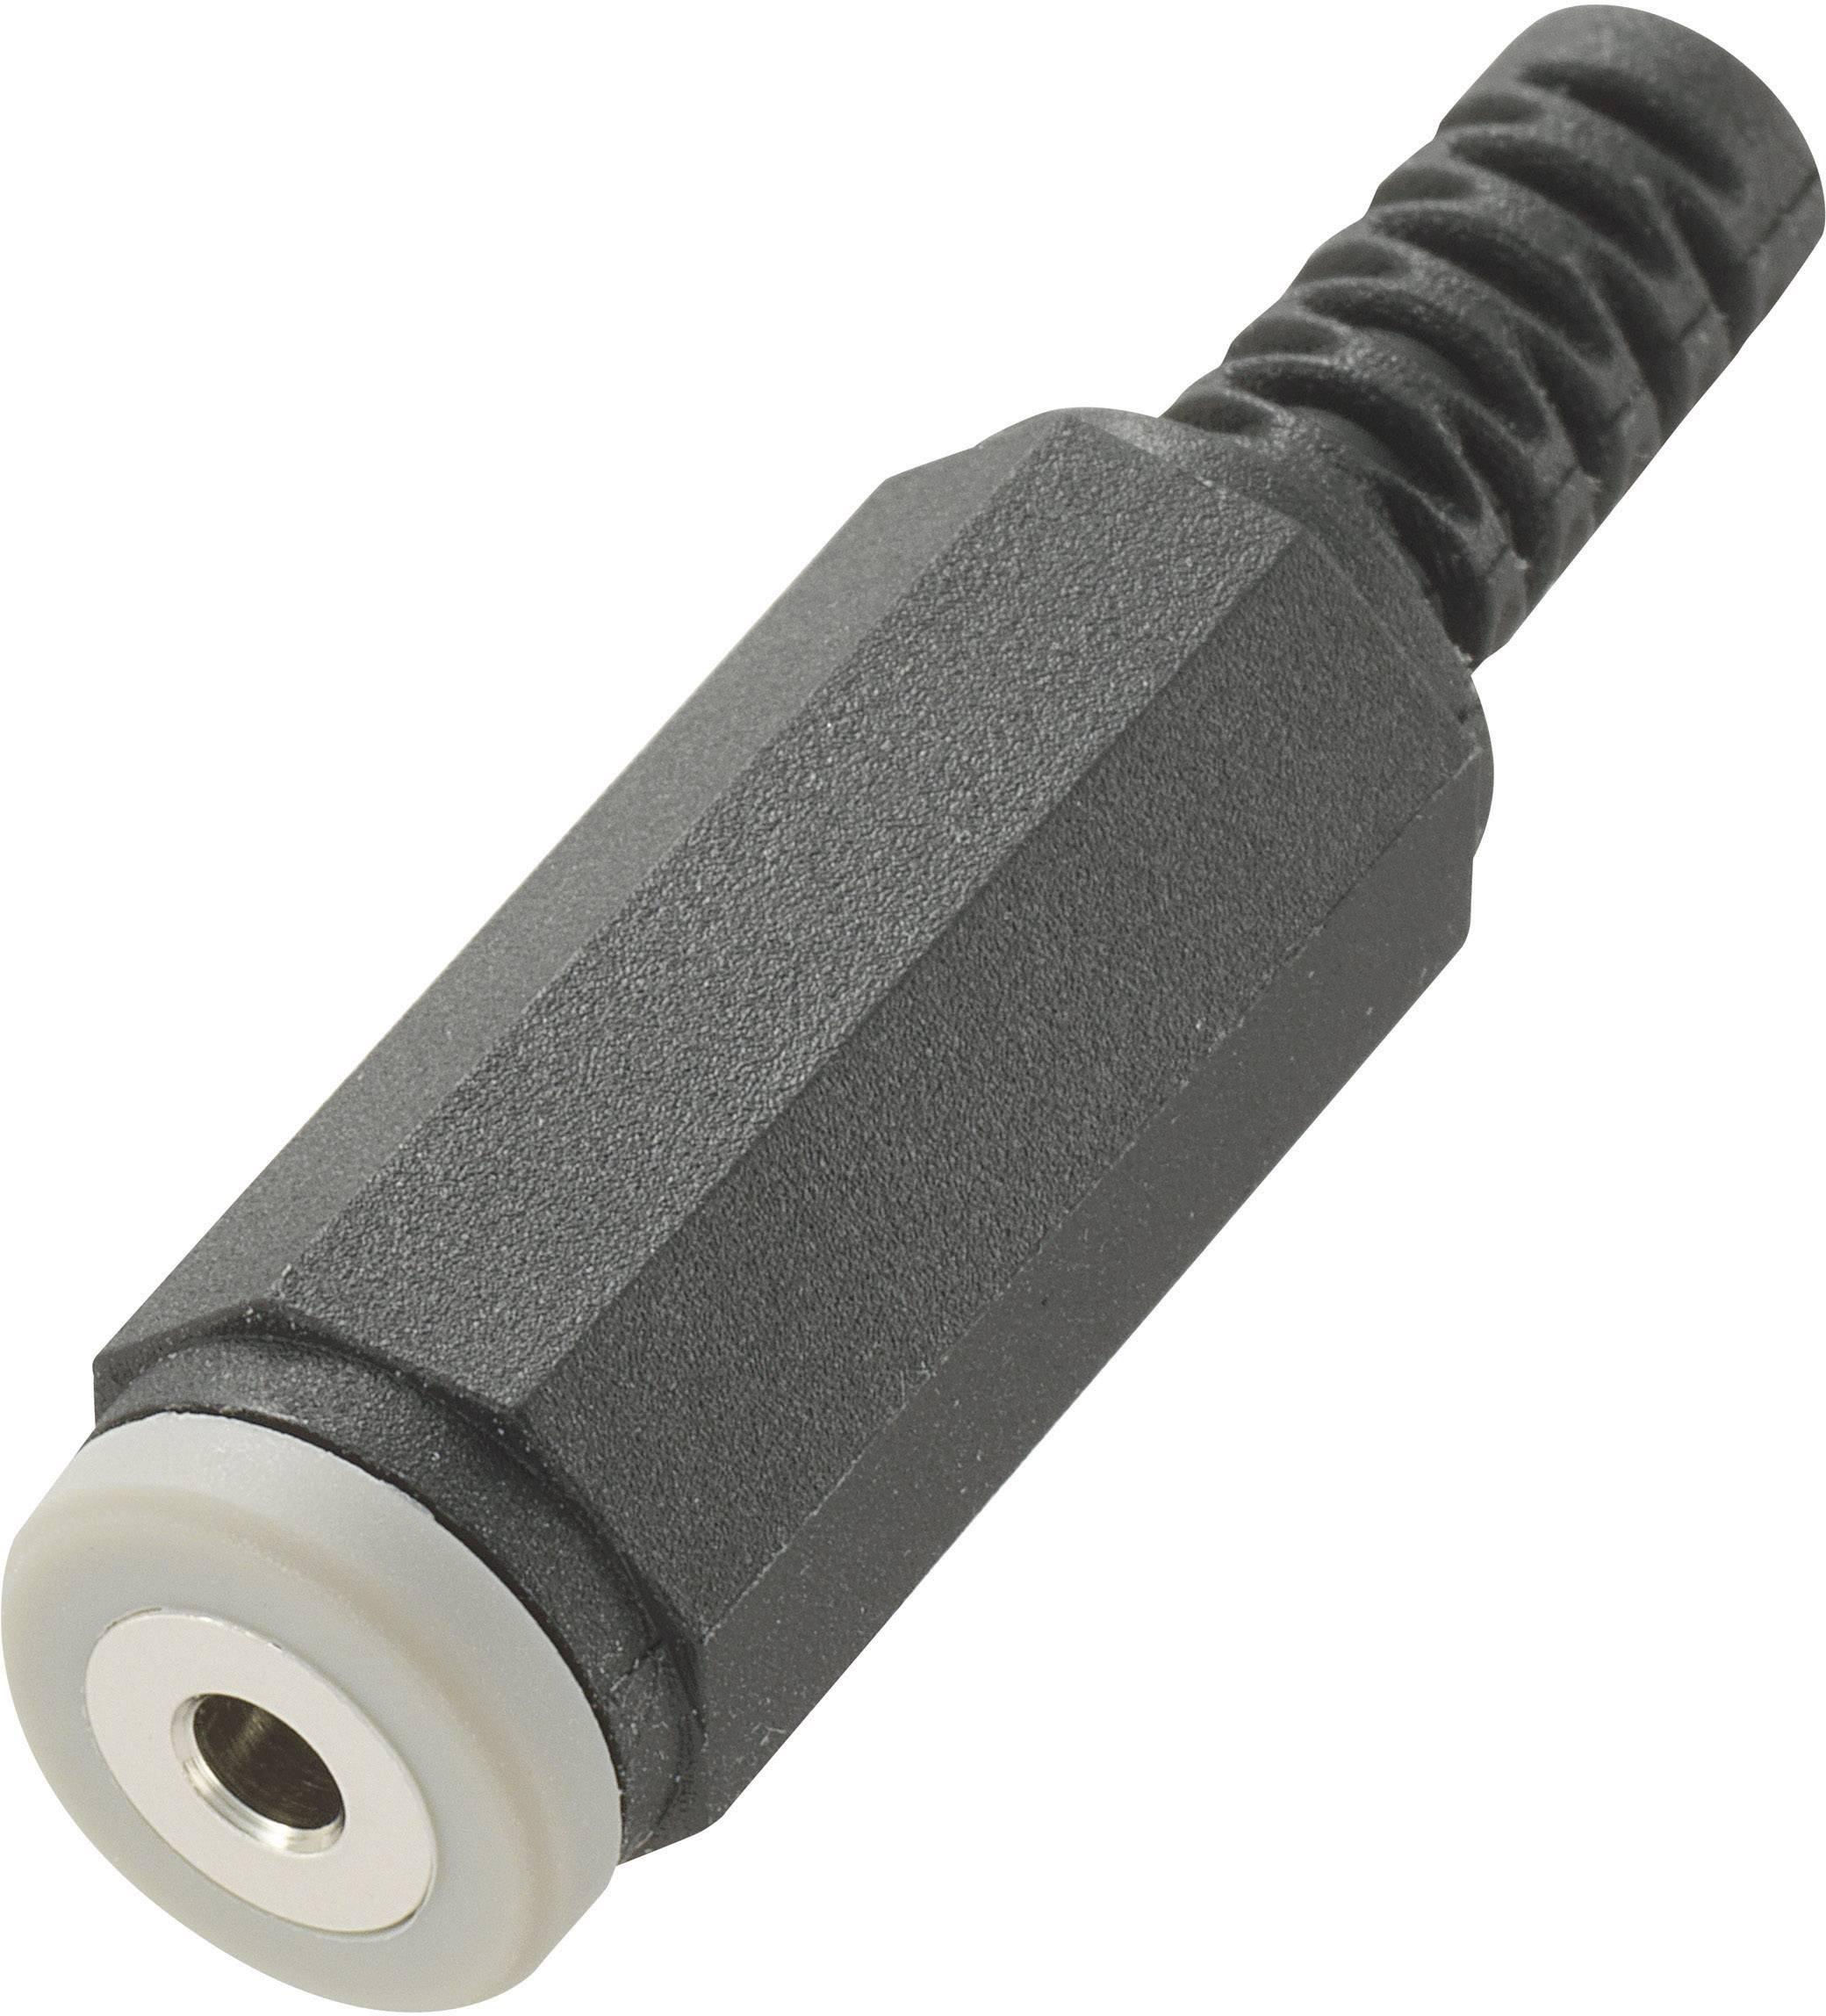 Jack konektor 2.5 mm stereo zásuvka, rovná Conrad Components 4, čierna, 1 ks